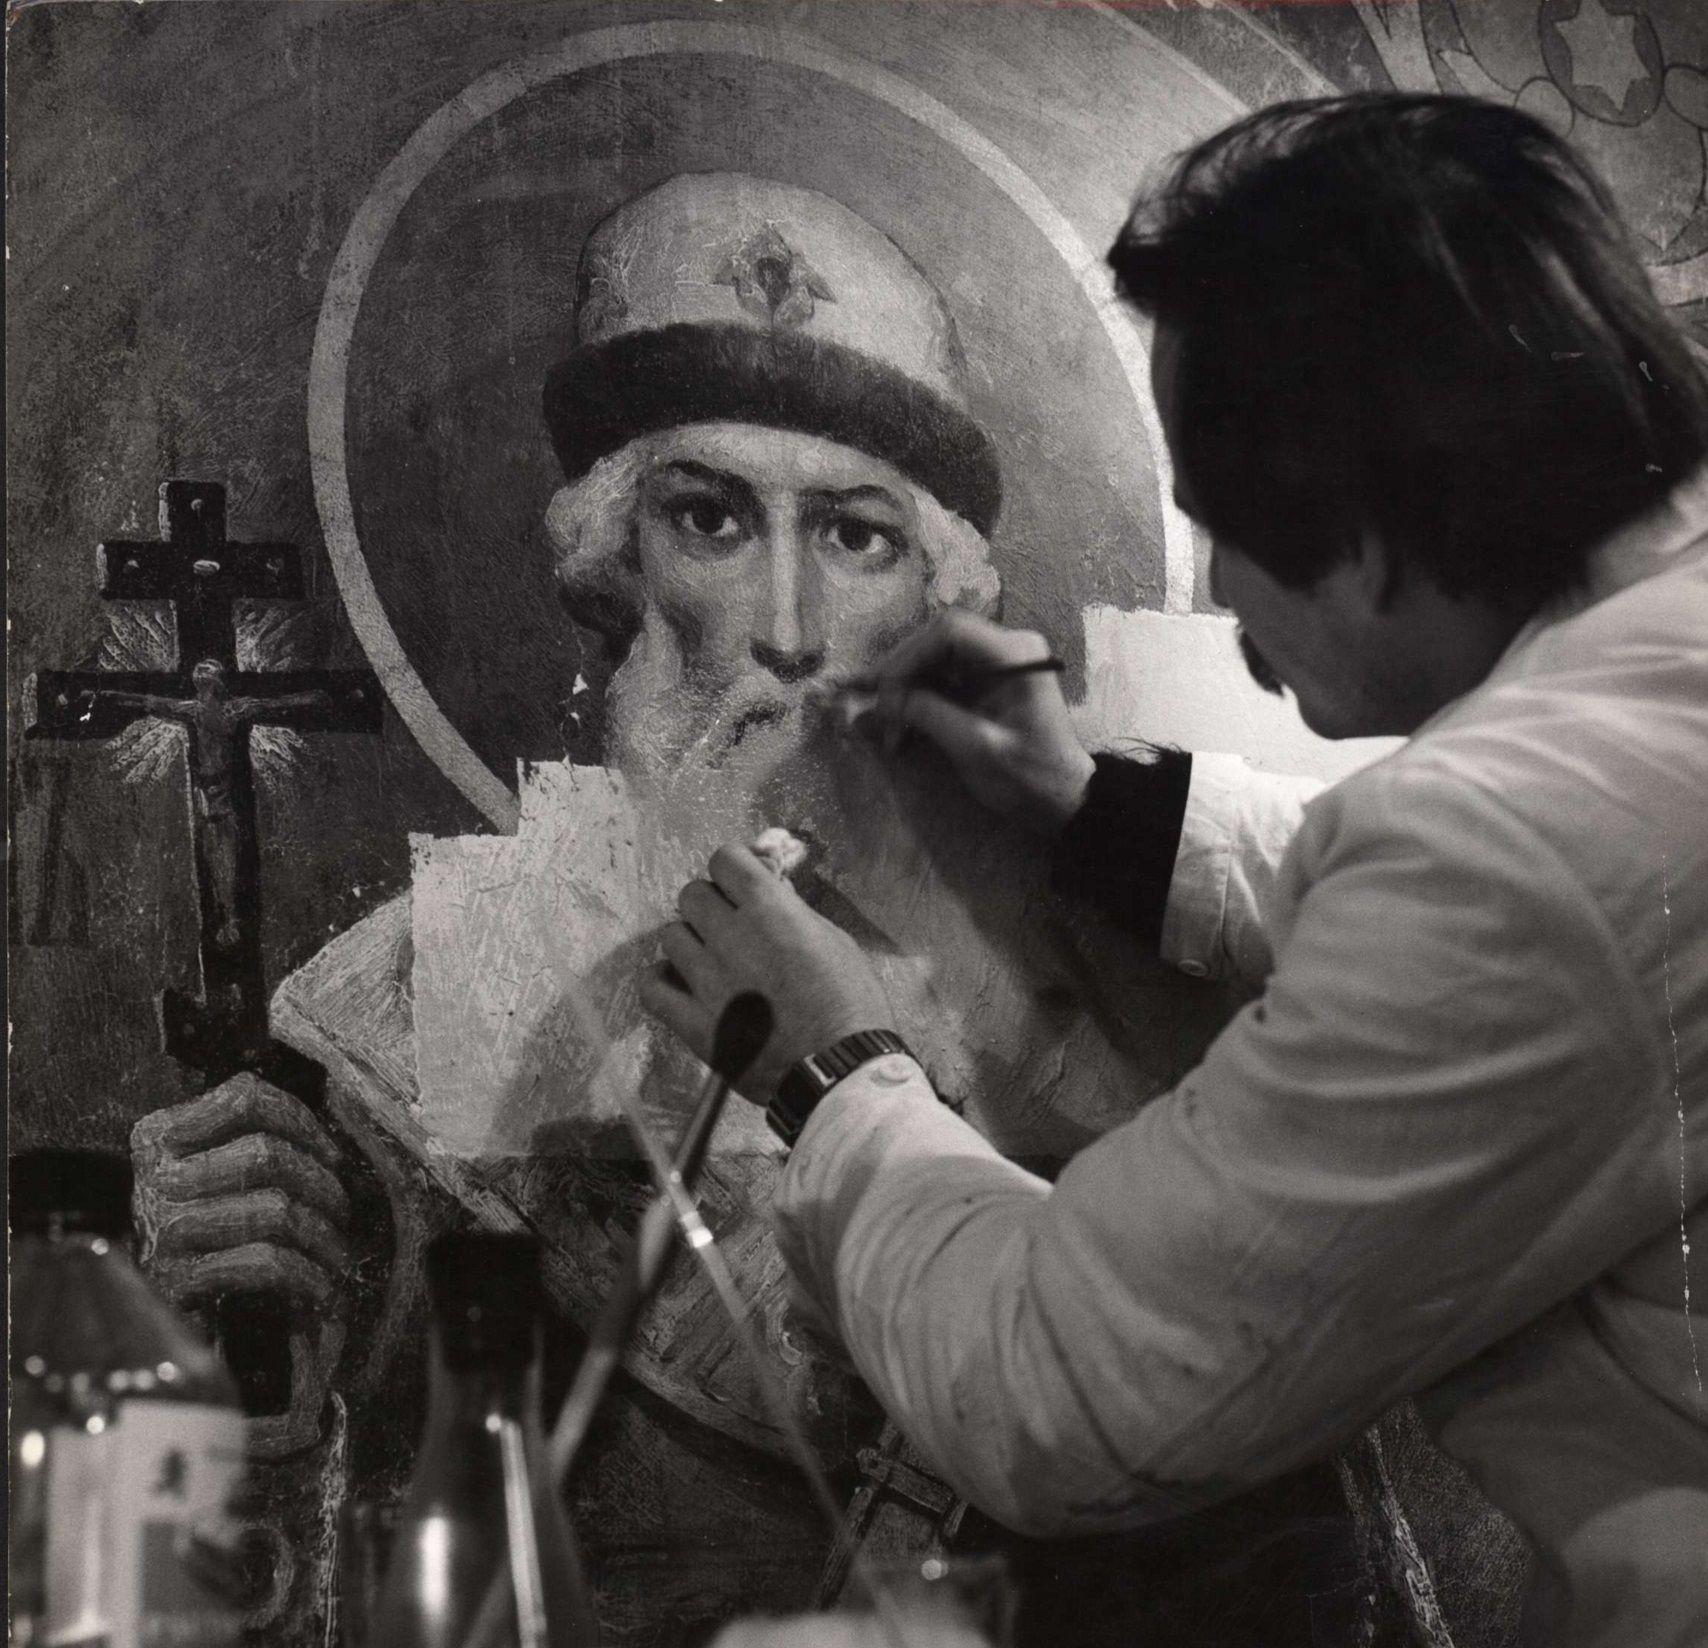 Роставратор Асеев за работой ©Фото из личного архива Валерия Кулеша